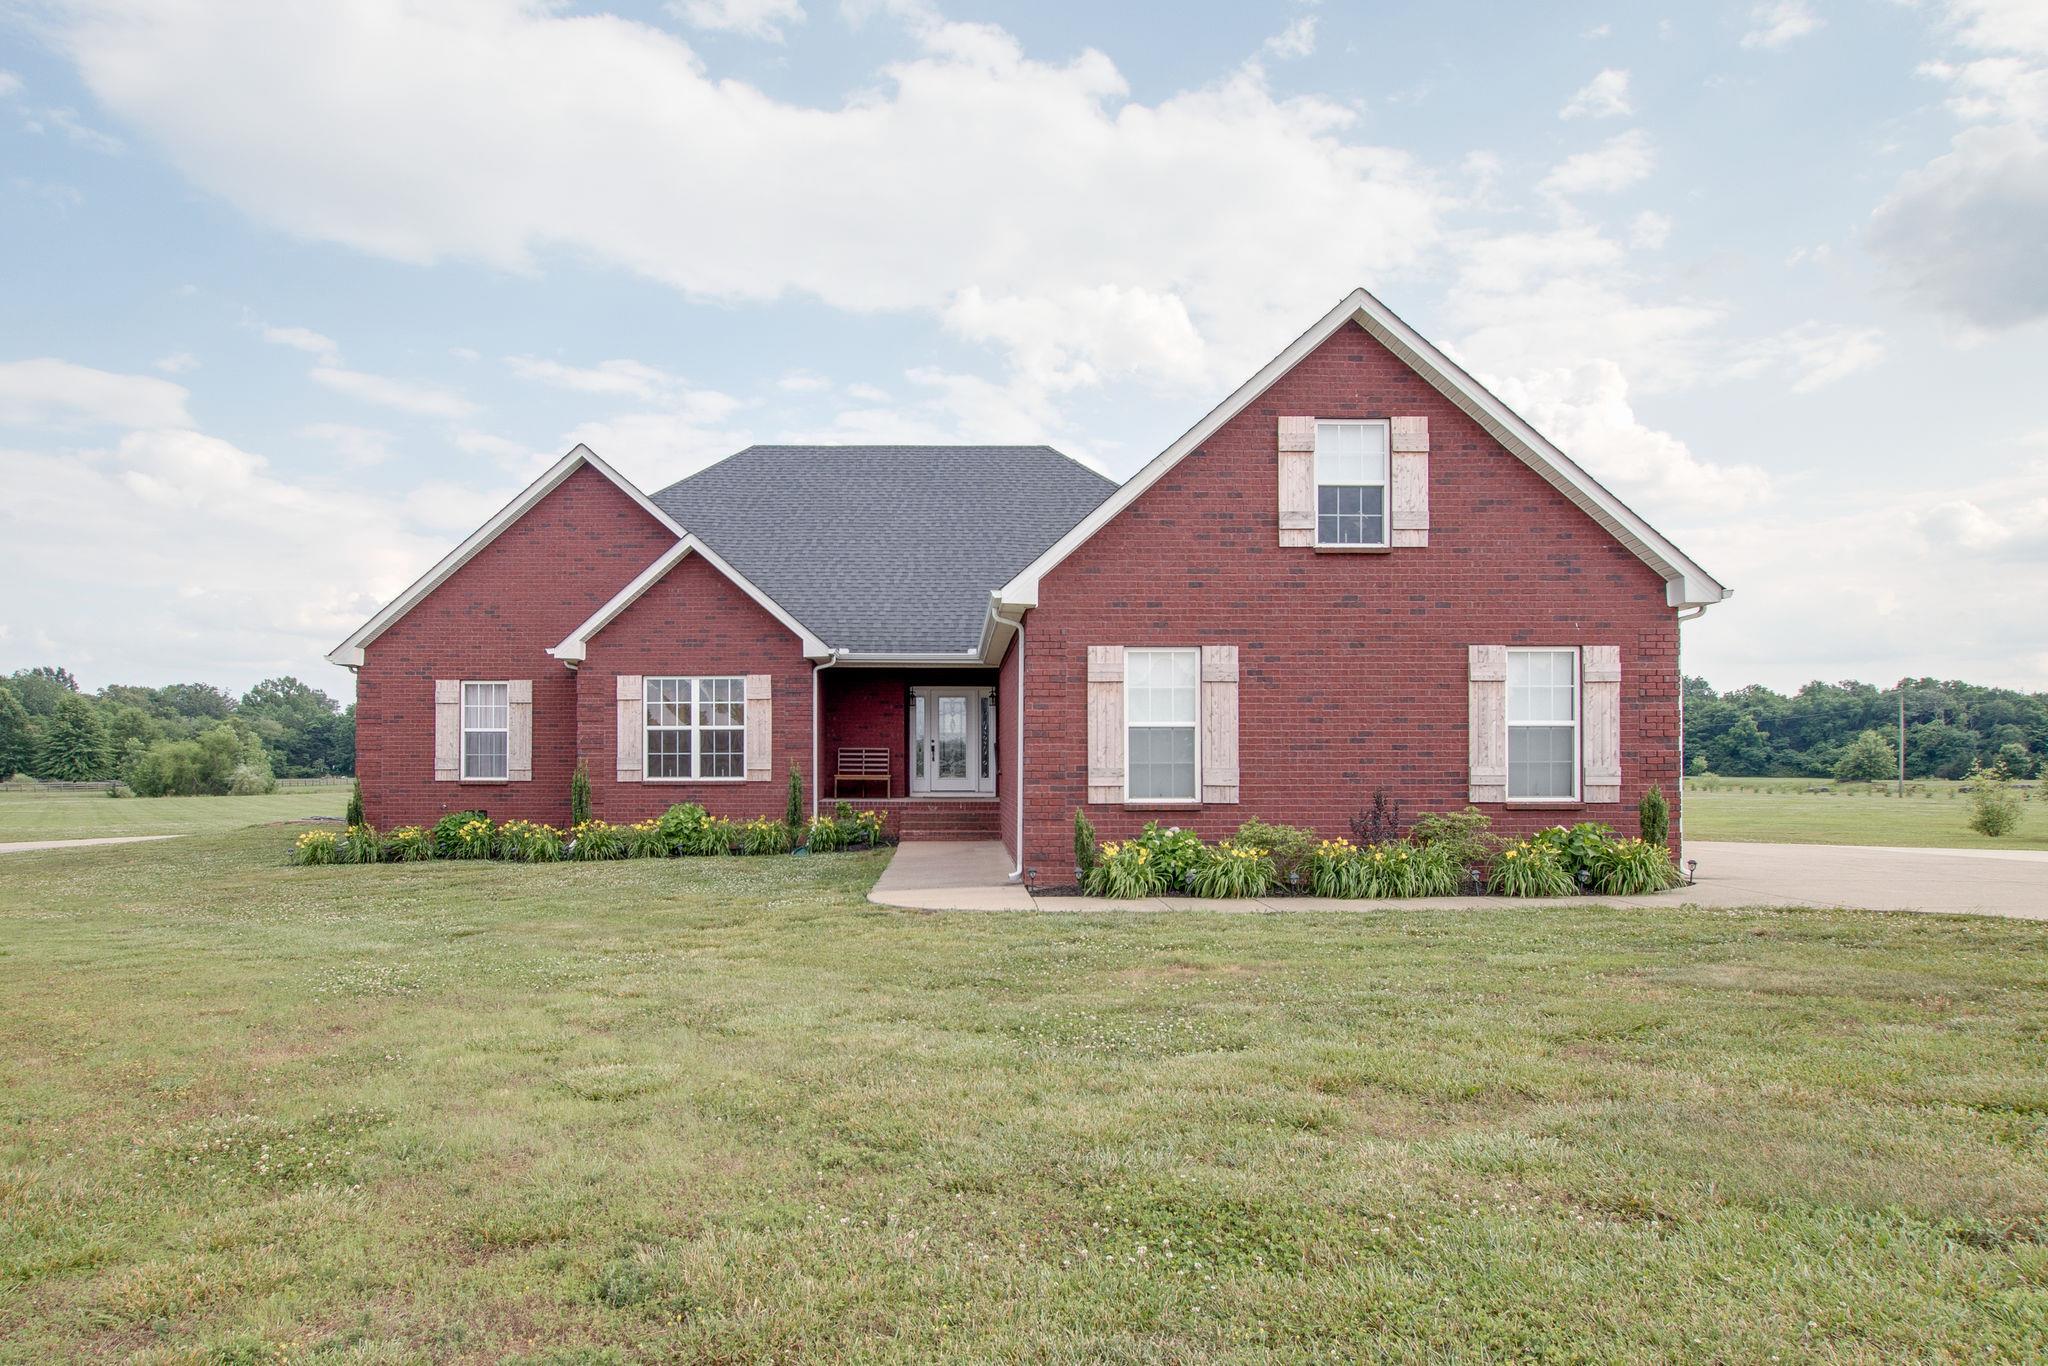 4575 Shores Road, Murfreesboro, TN 37128 - Murfreesboro, TN real estate listing